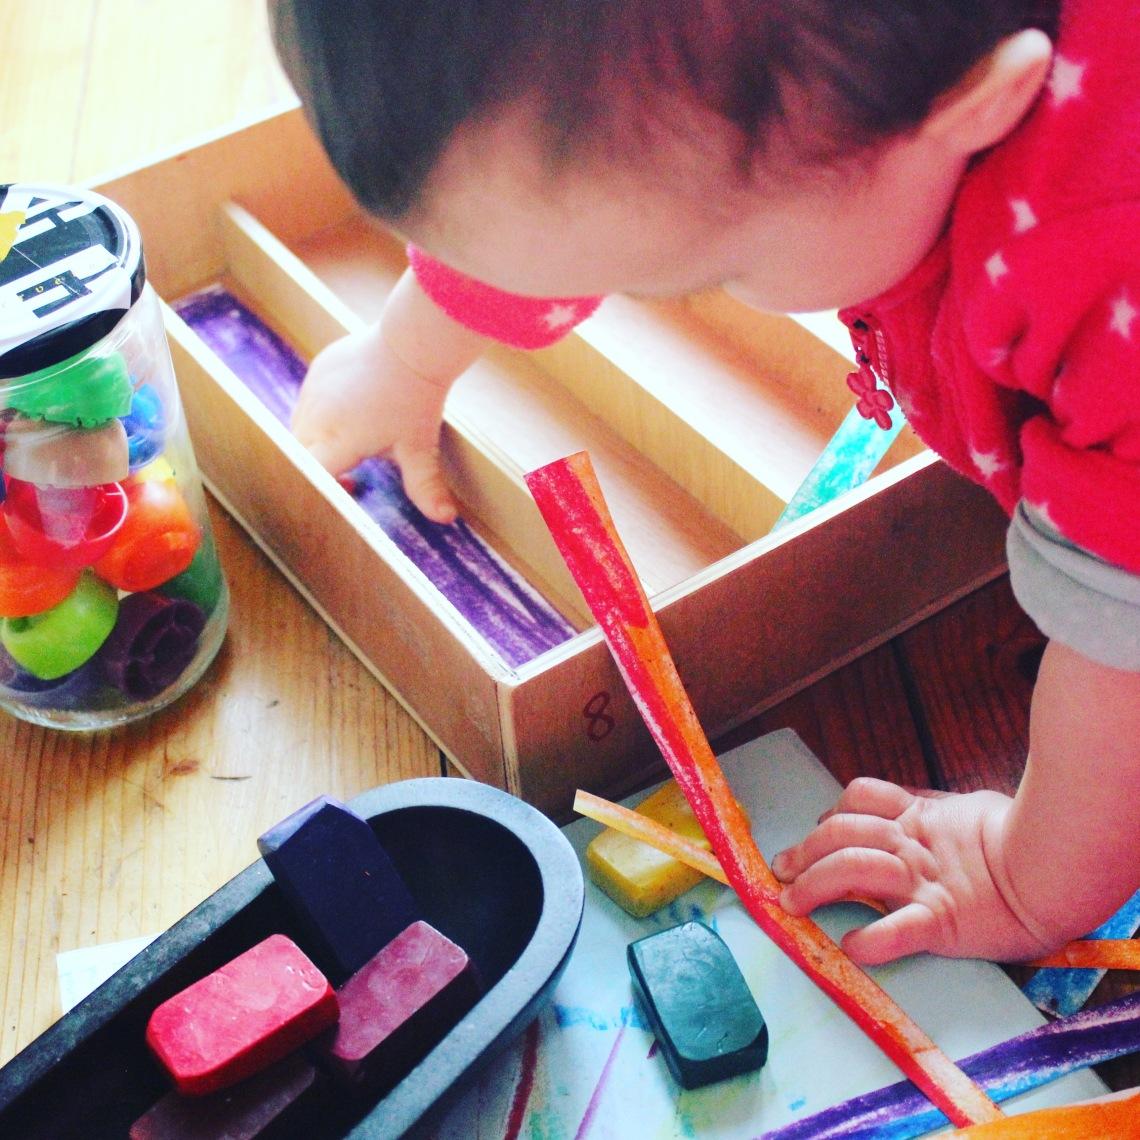 primeros experimentos con color mama extraterrestre actividades 12-18 meses bebes ceras waldorf libro colores tapones objetos